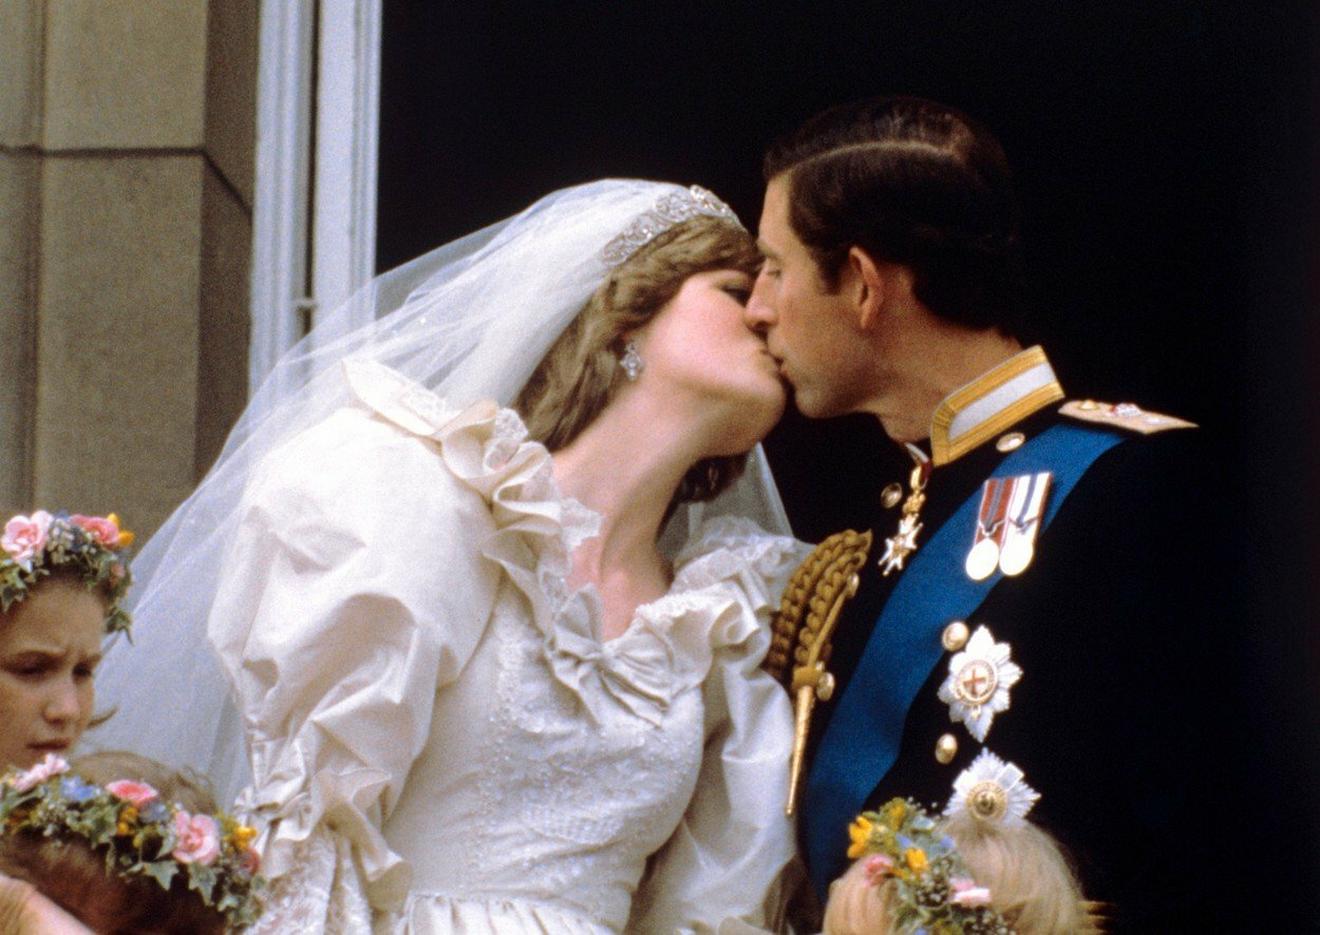 Princeza i princ od Velsa: Dajana i Šarls na venčanja 1981. u Londonu